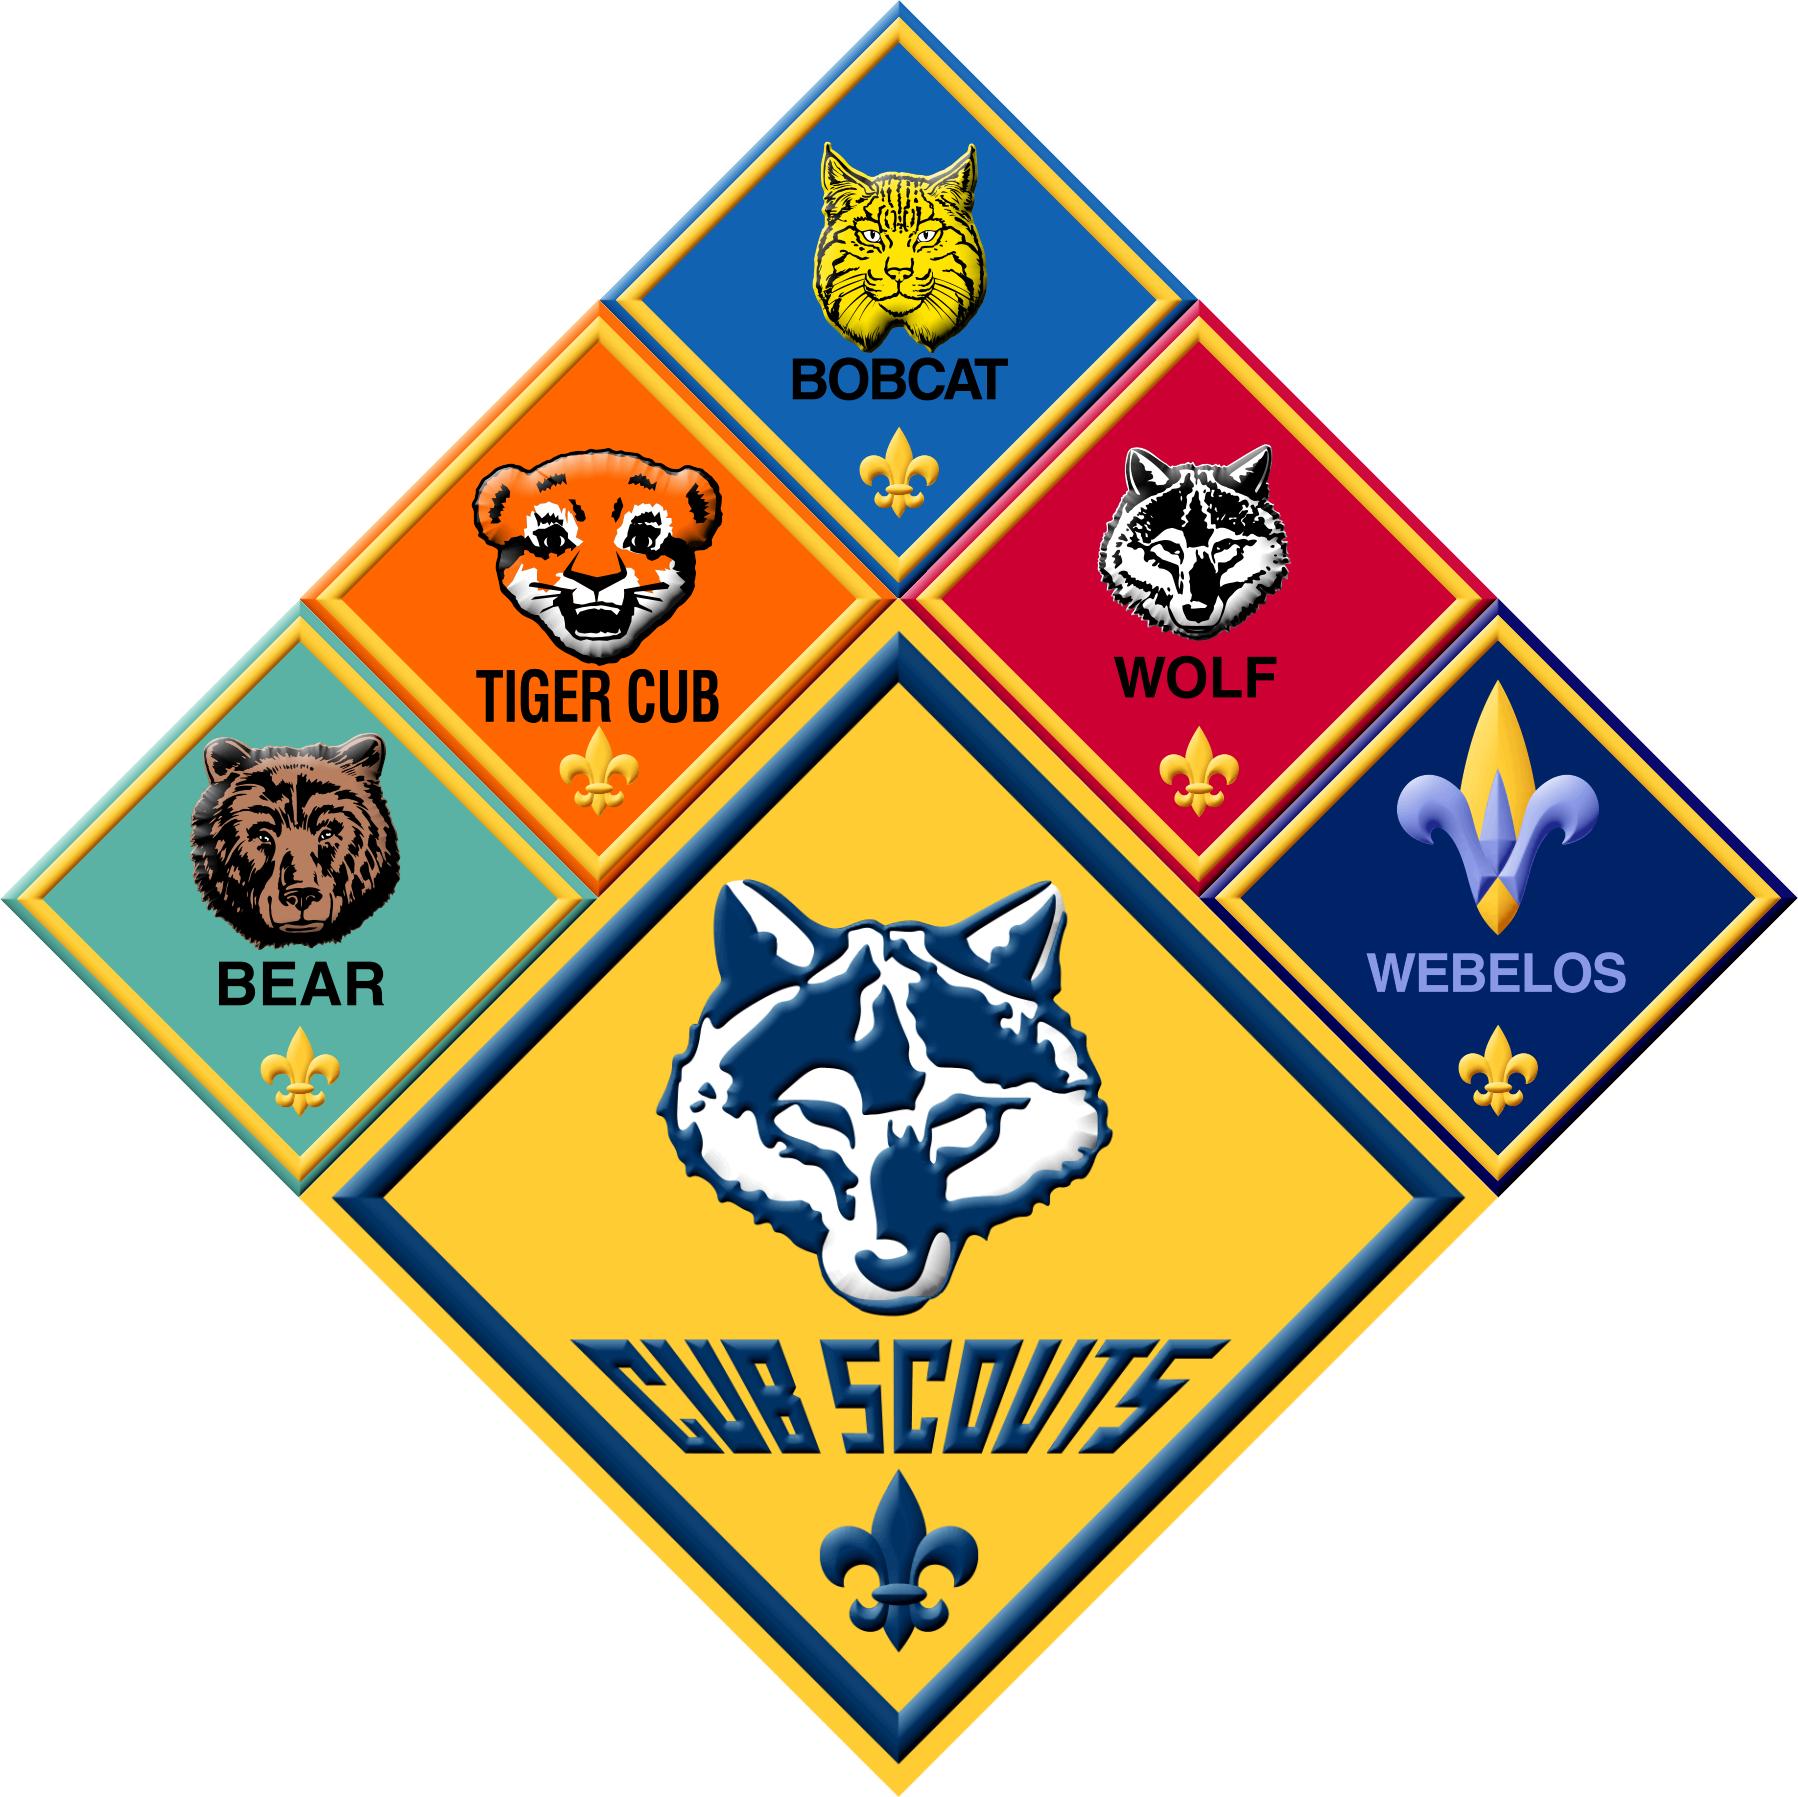 Cub Scout Pack 404